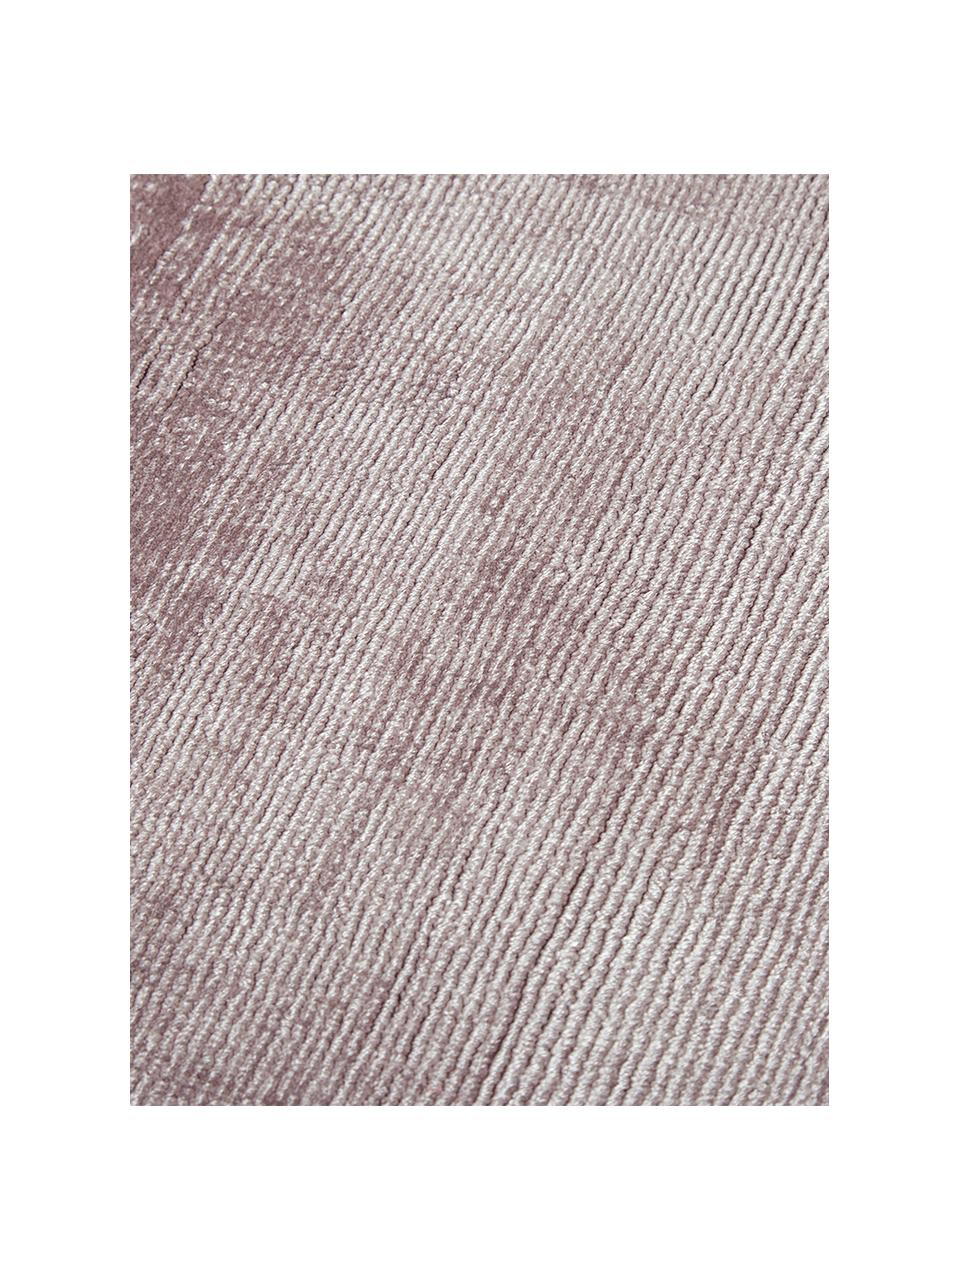 Ručně tkaný viskózový koberec Jane, Šeříková